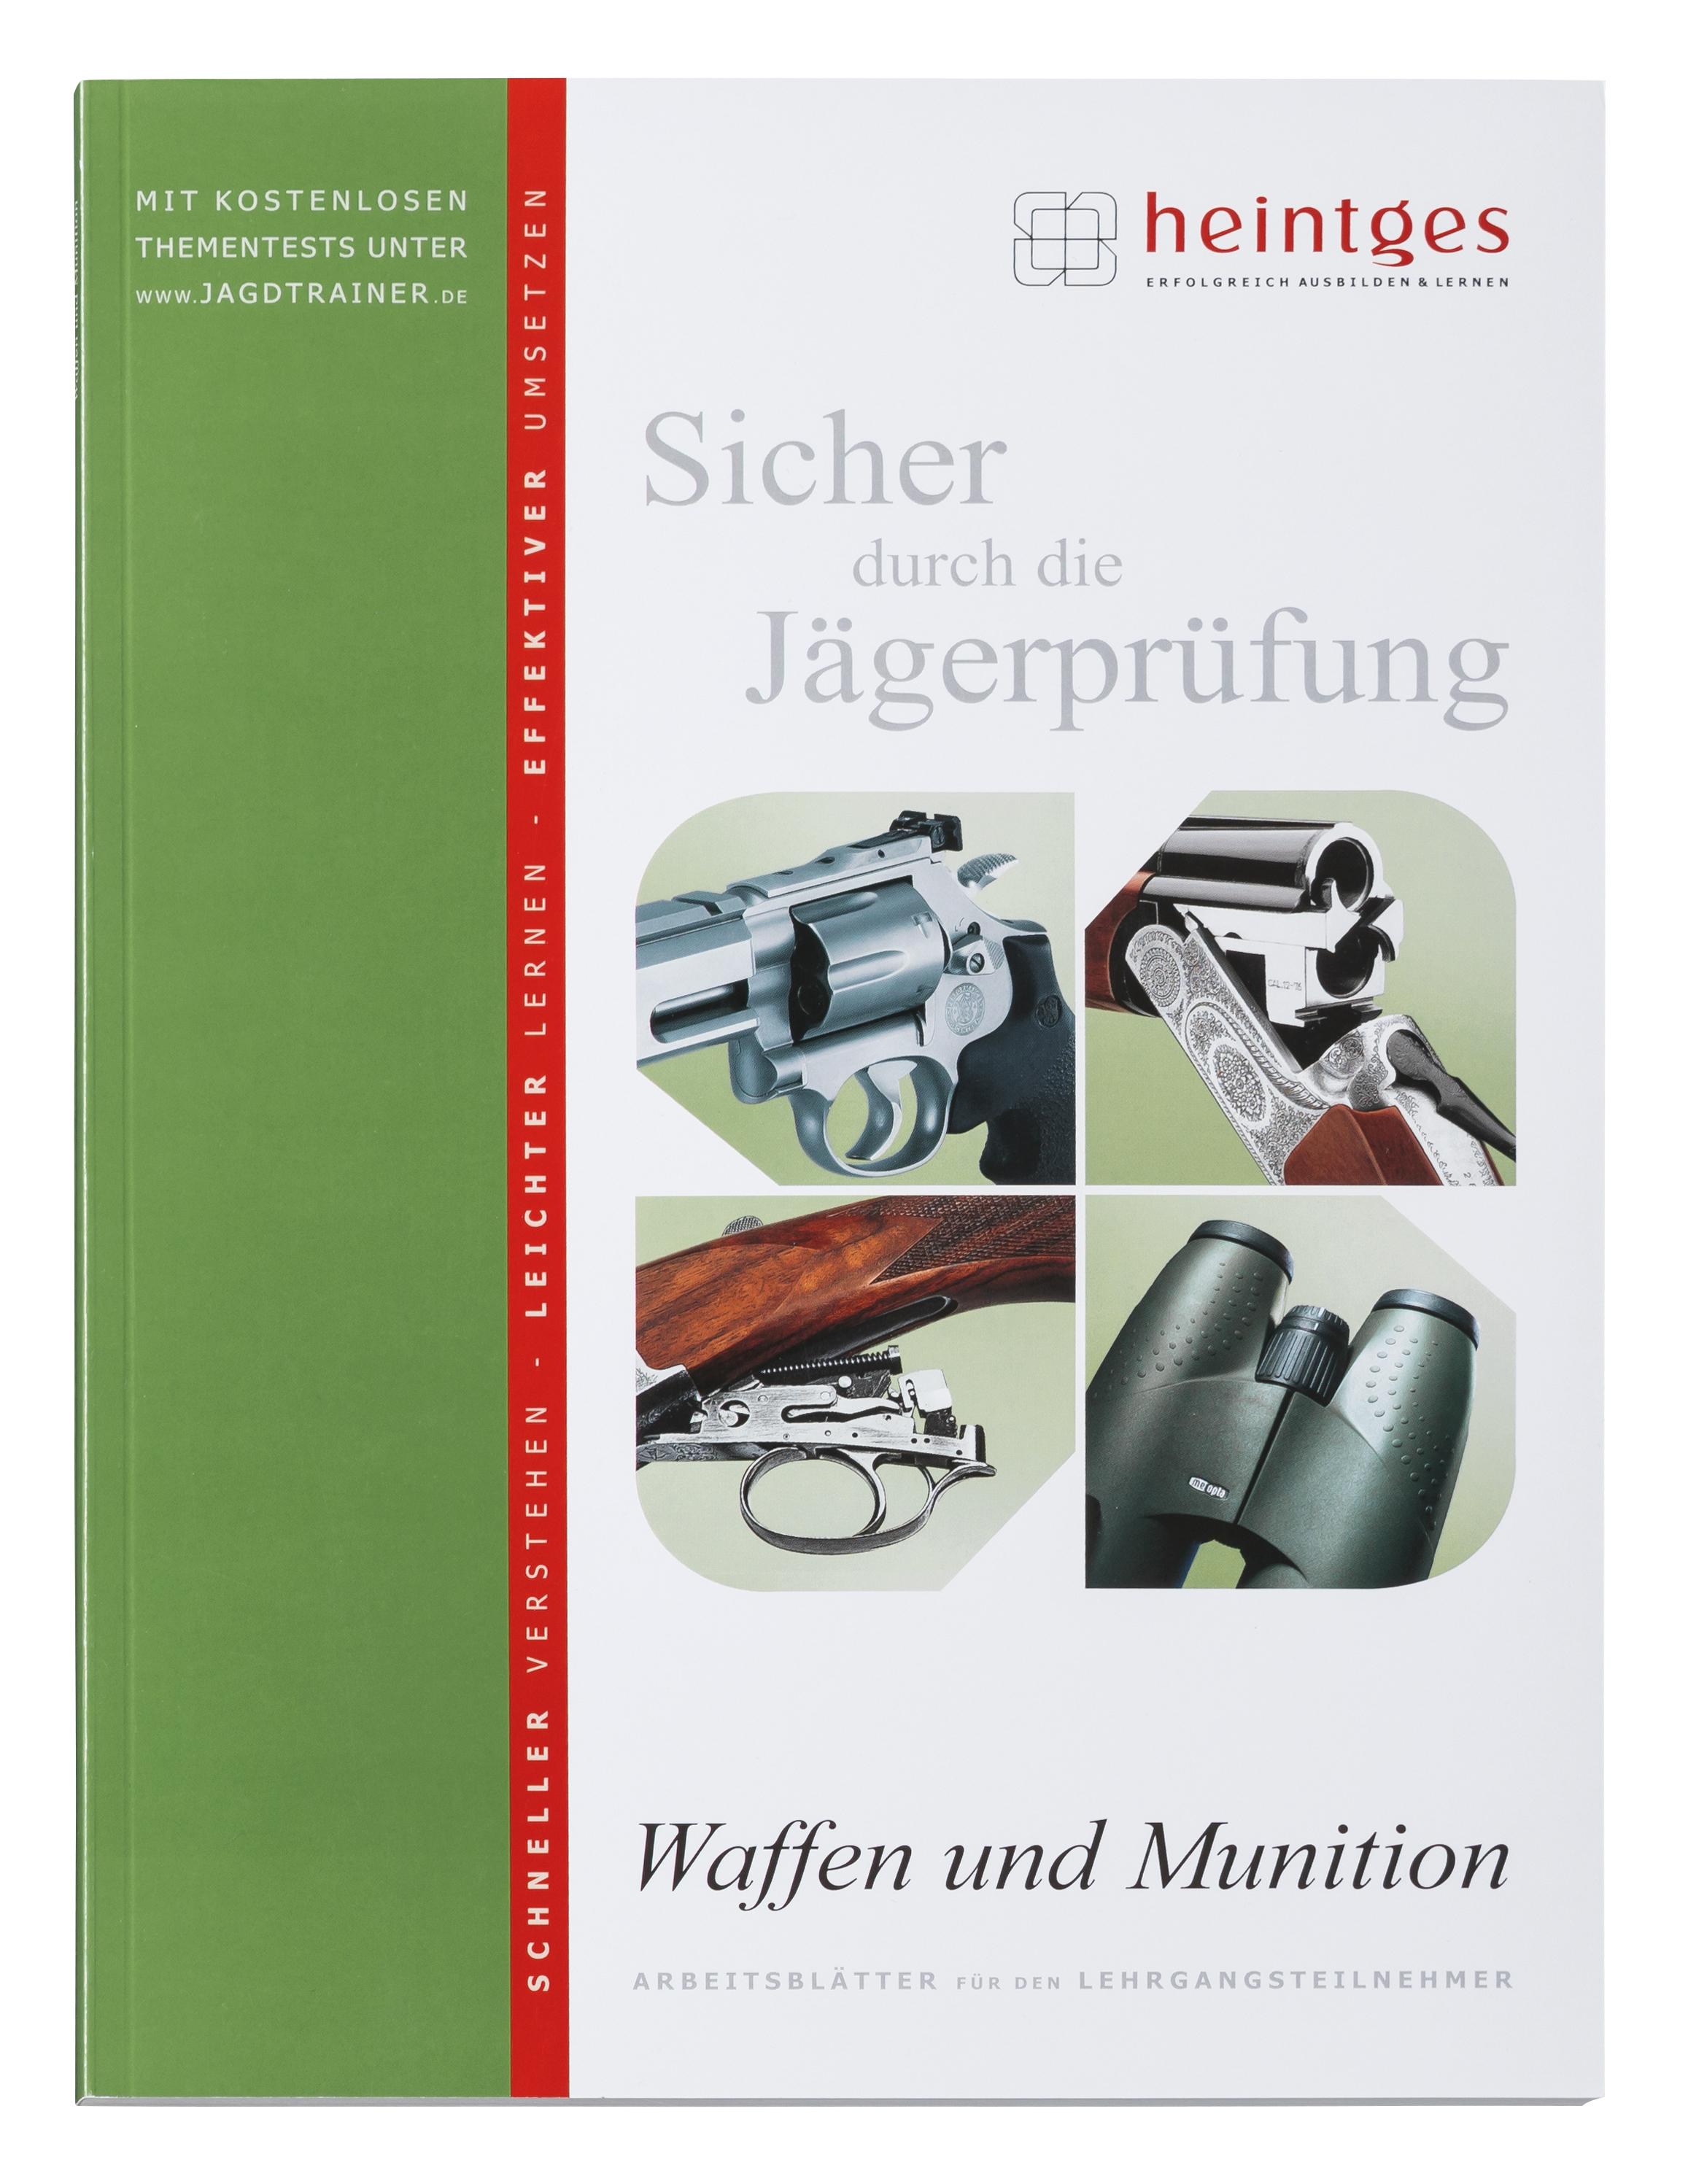 Waffen und Munition - Heintges - Sicher durch die Jägerprüfung ...